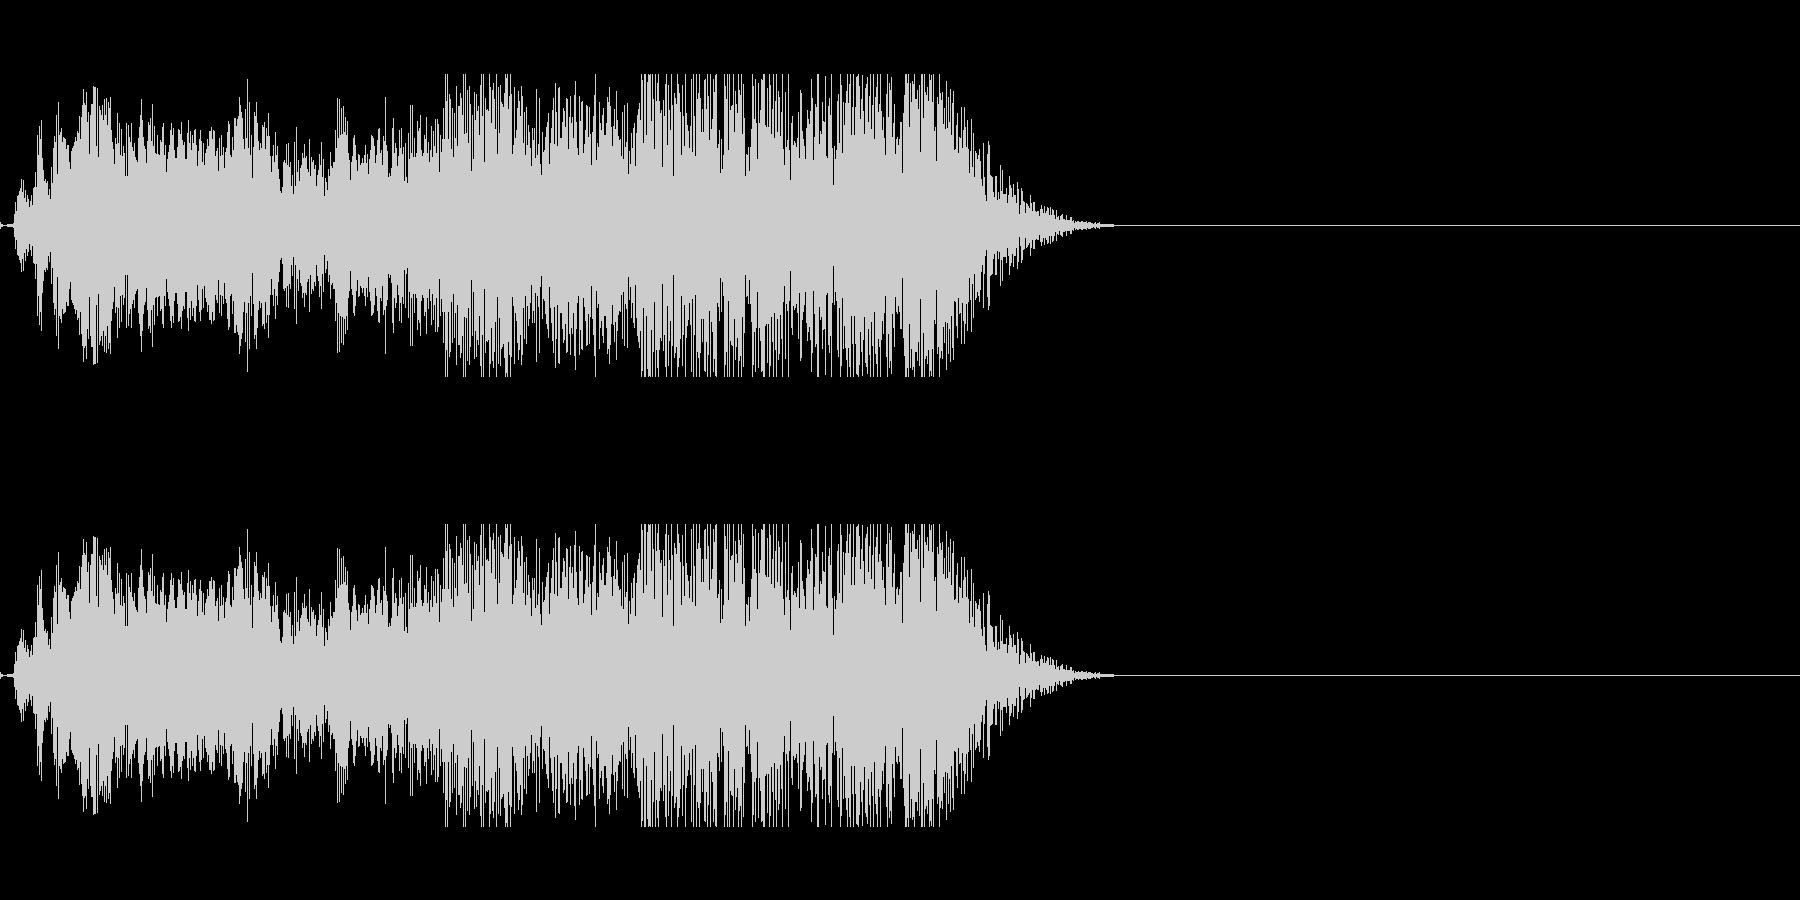 不気味に響く声らしき音…2の未再生の波形